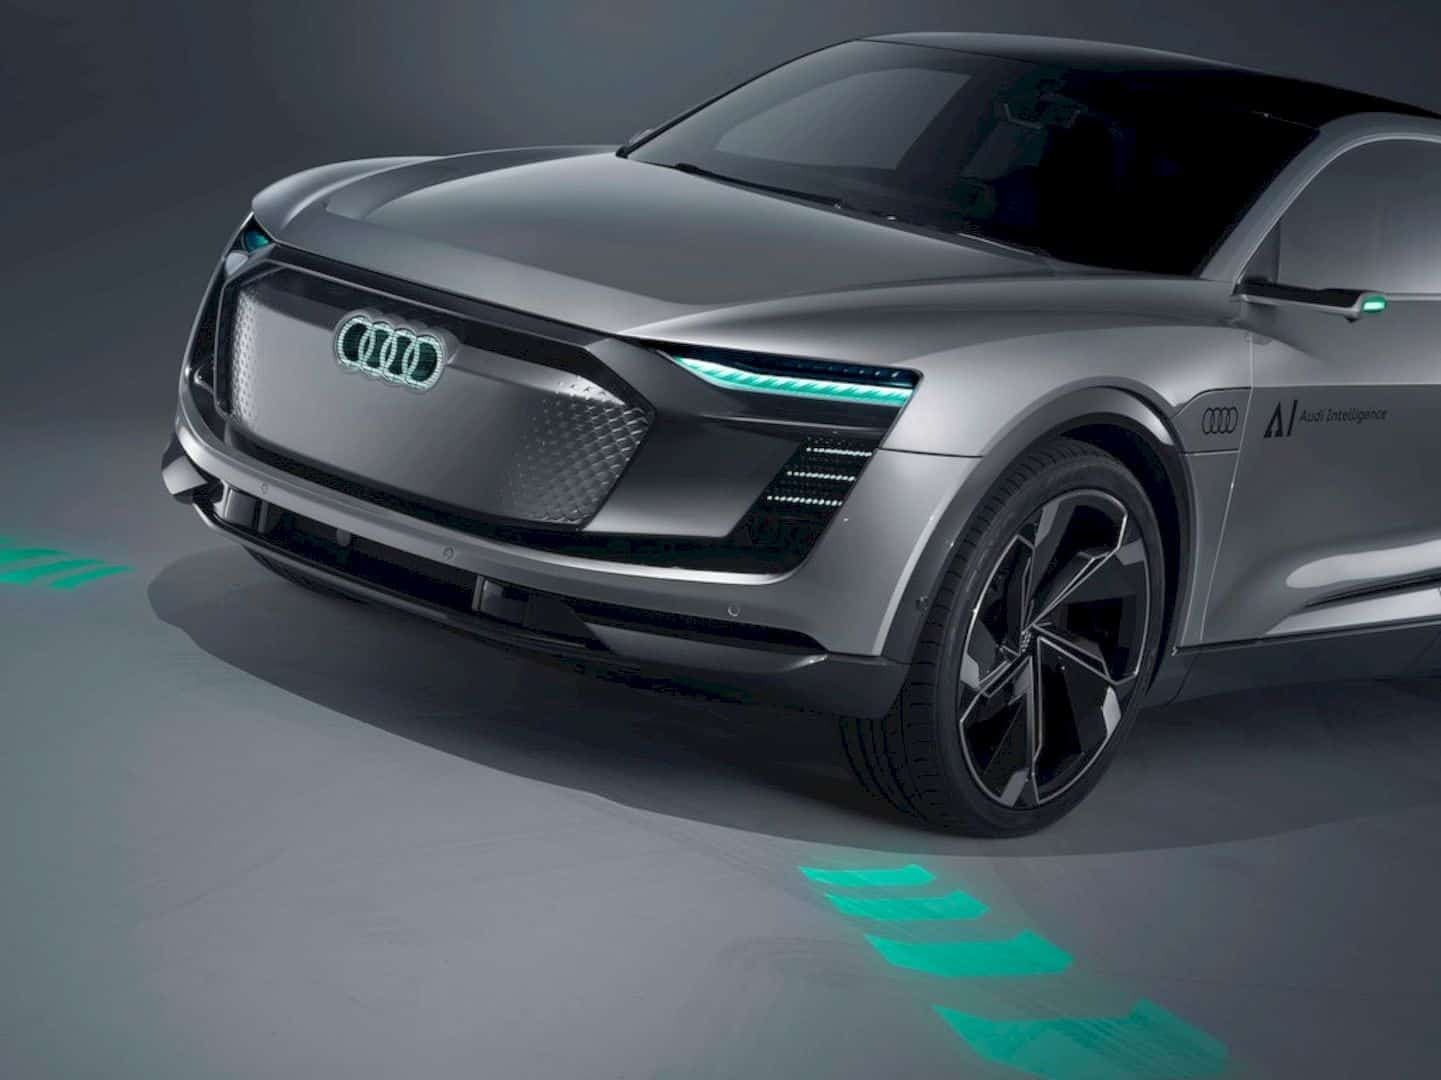 Audi Elaine Concept Car 4